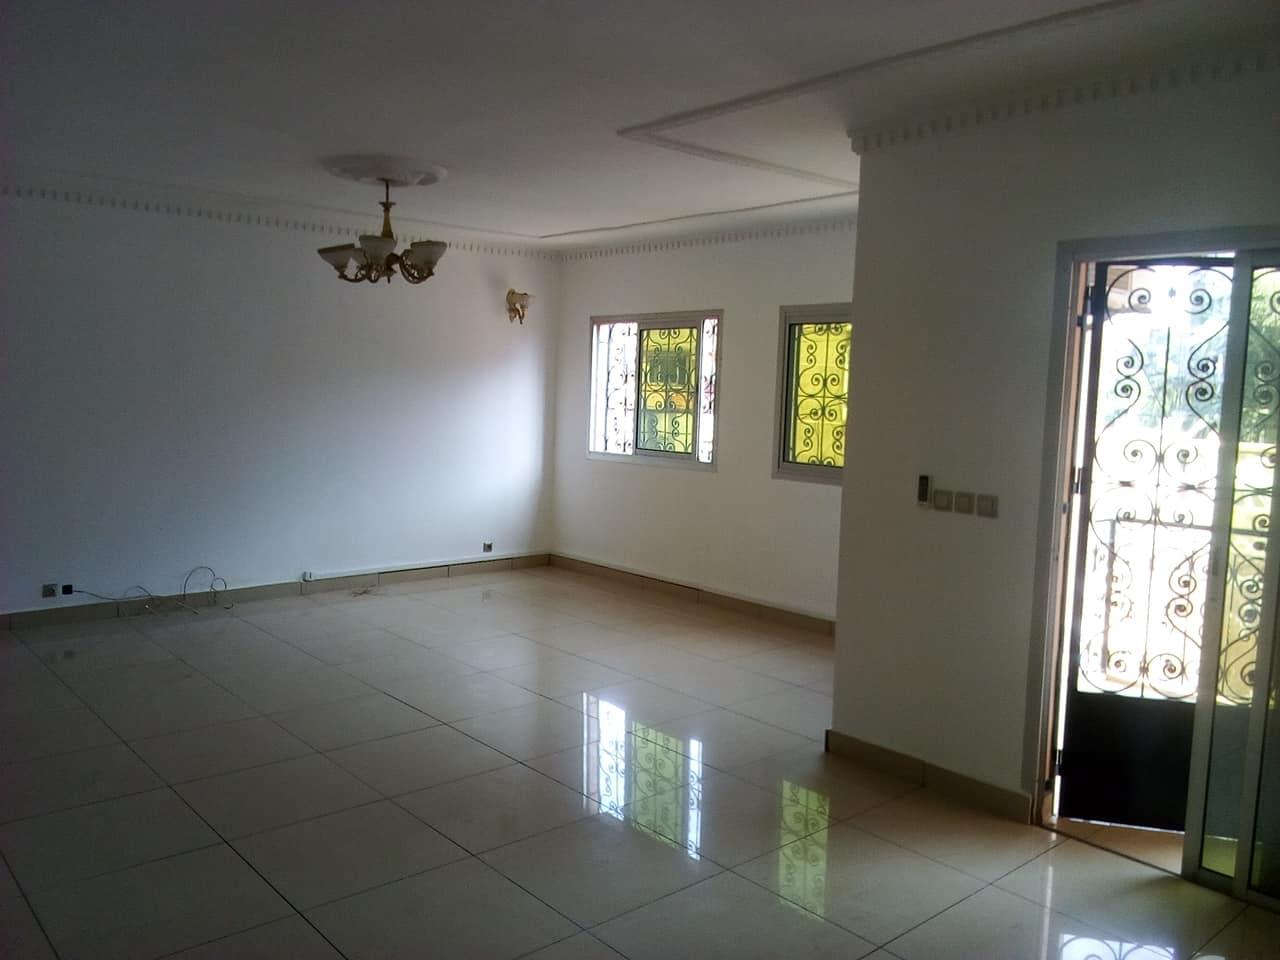 Appartement à louer - Yaoundé, Mfandena, pas loin d avenue foe - 1 salon(s), 3 chambre(s), 2 salle(s) de bains - 350 000 FCFA / mois